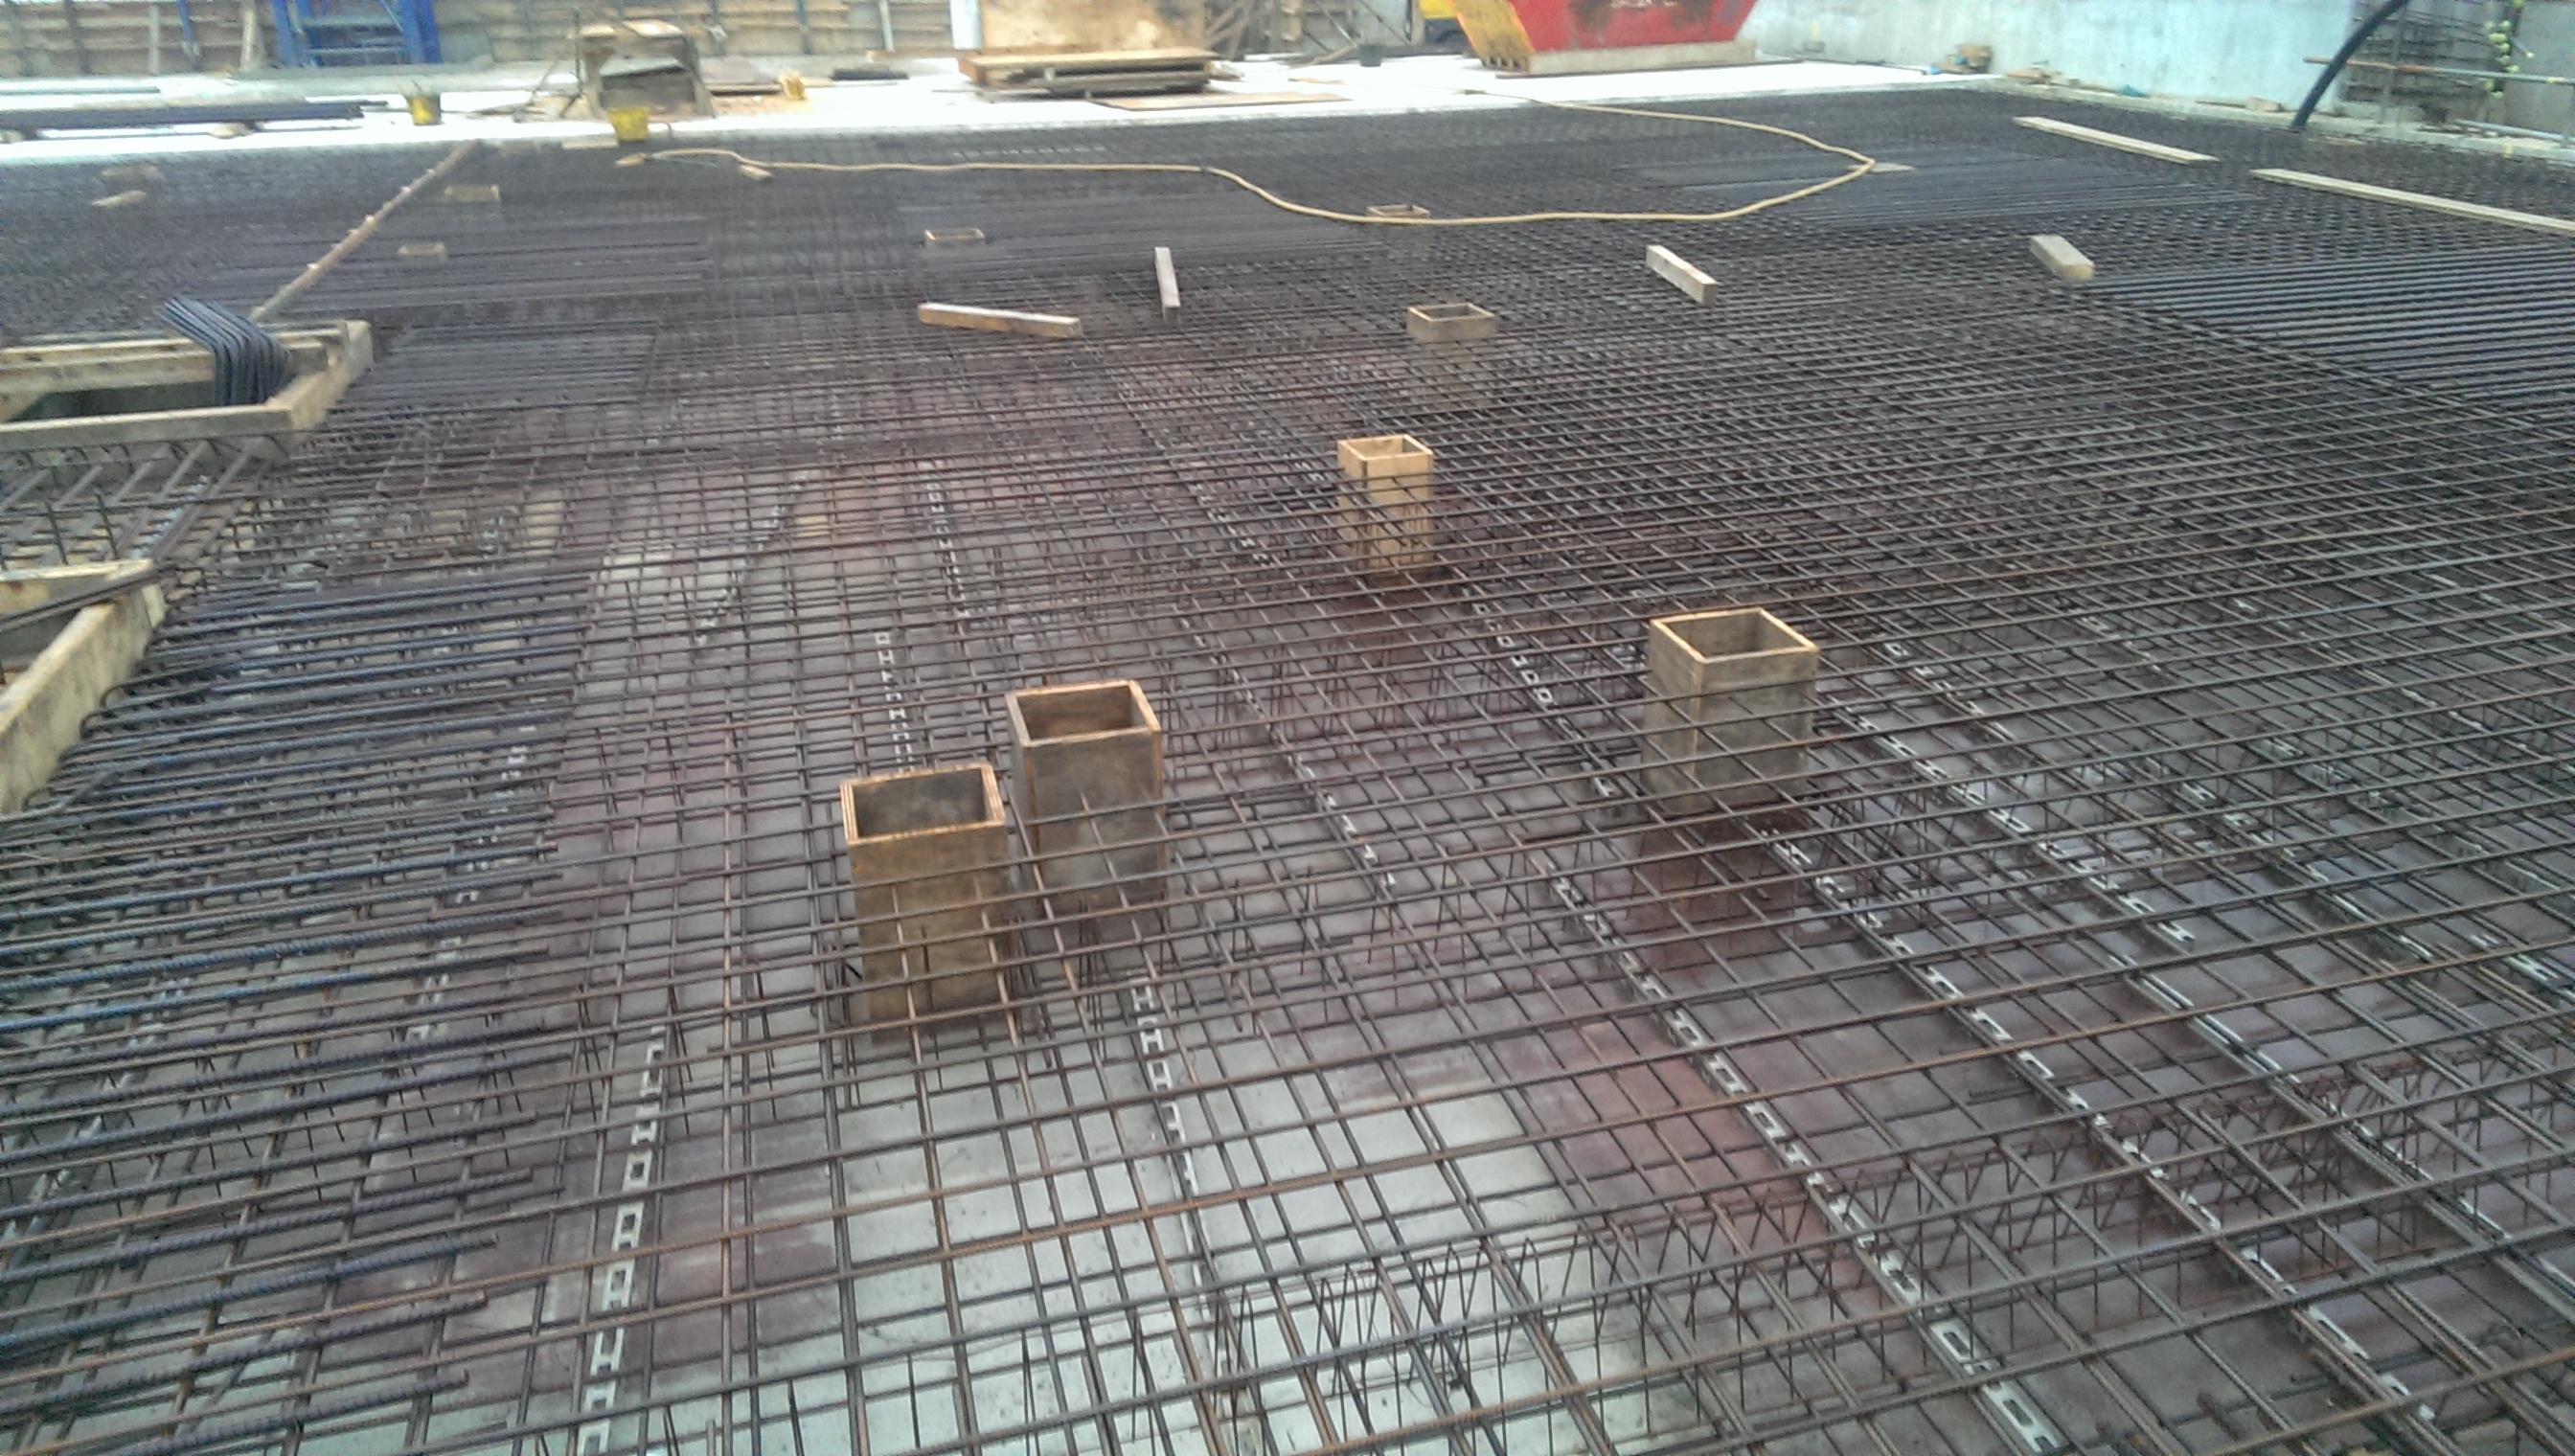 Capital Concrete Construction Uk Reinforced Concrete